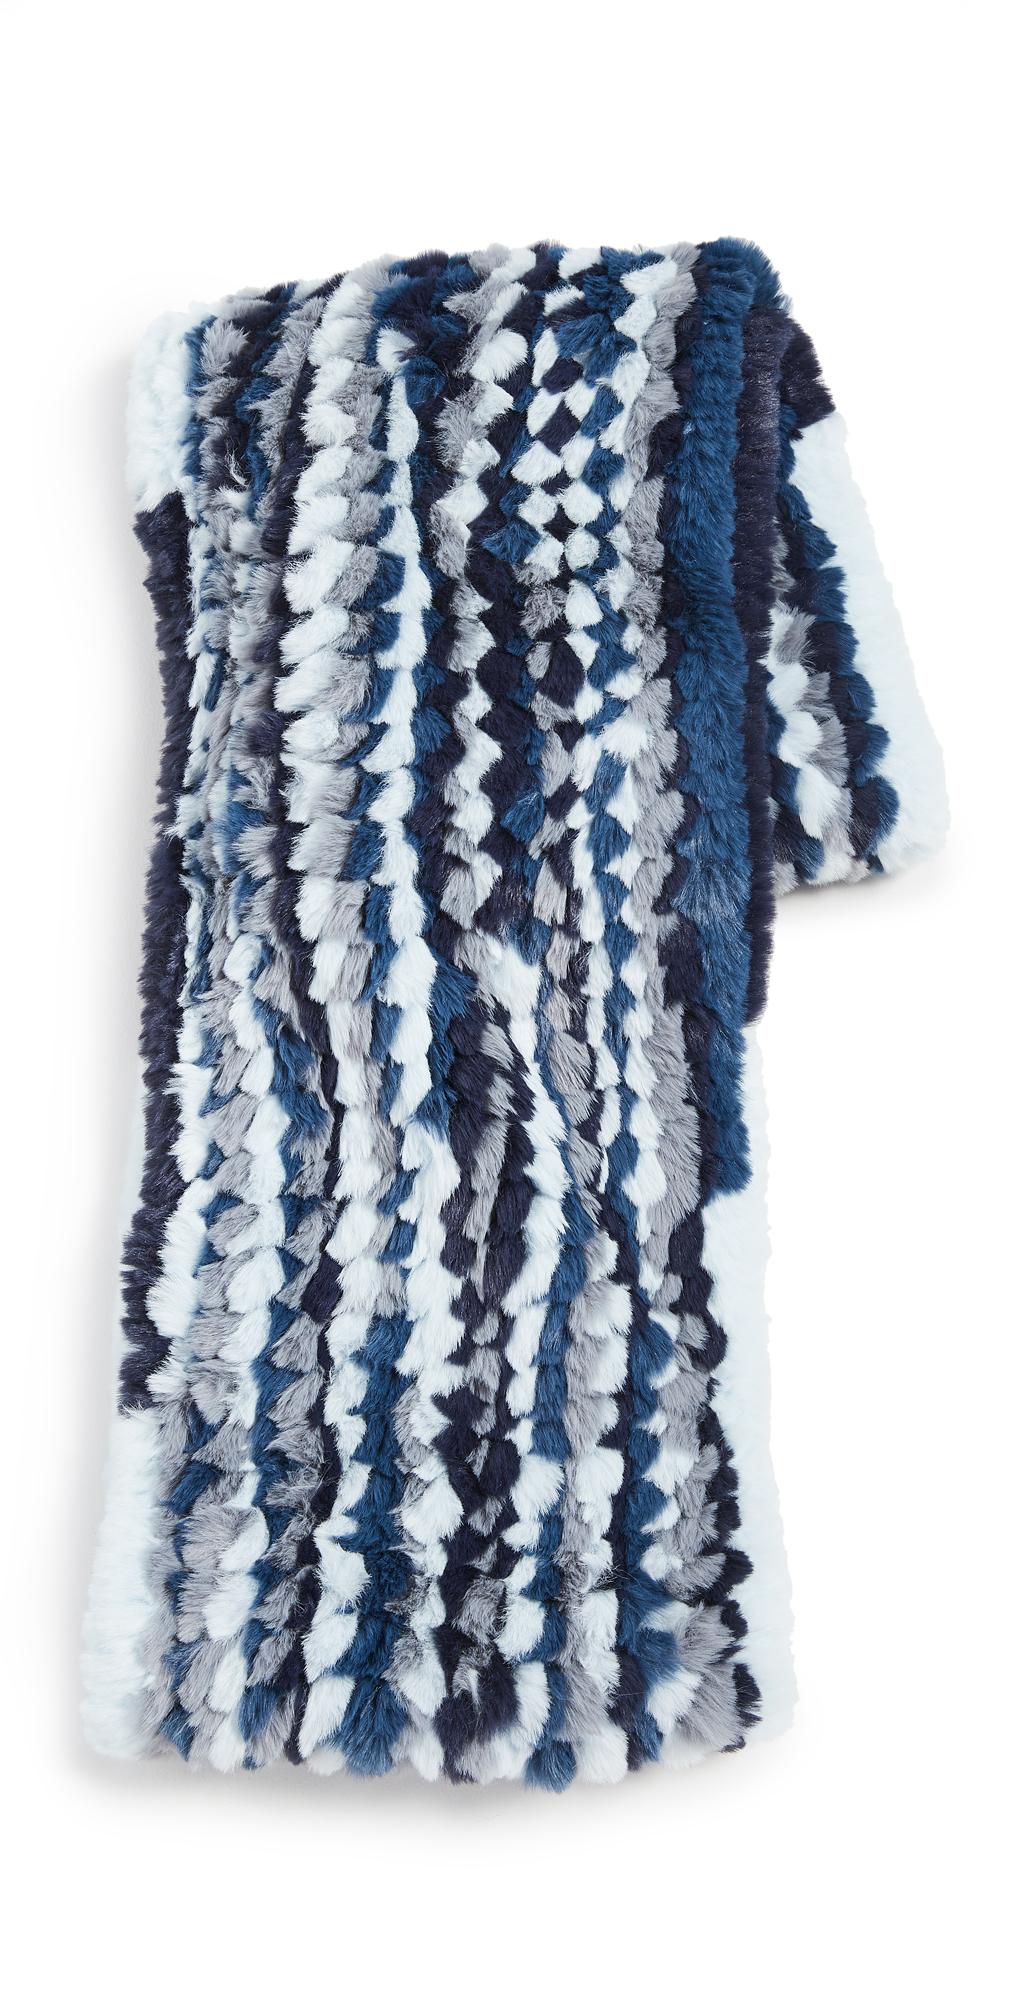 Jocelyn Multi Knitted Faux Fur Infinity Scarf